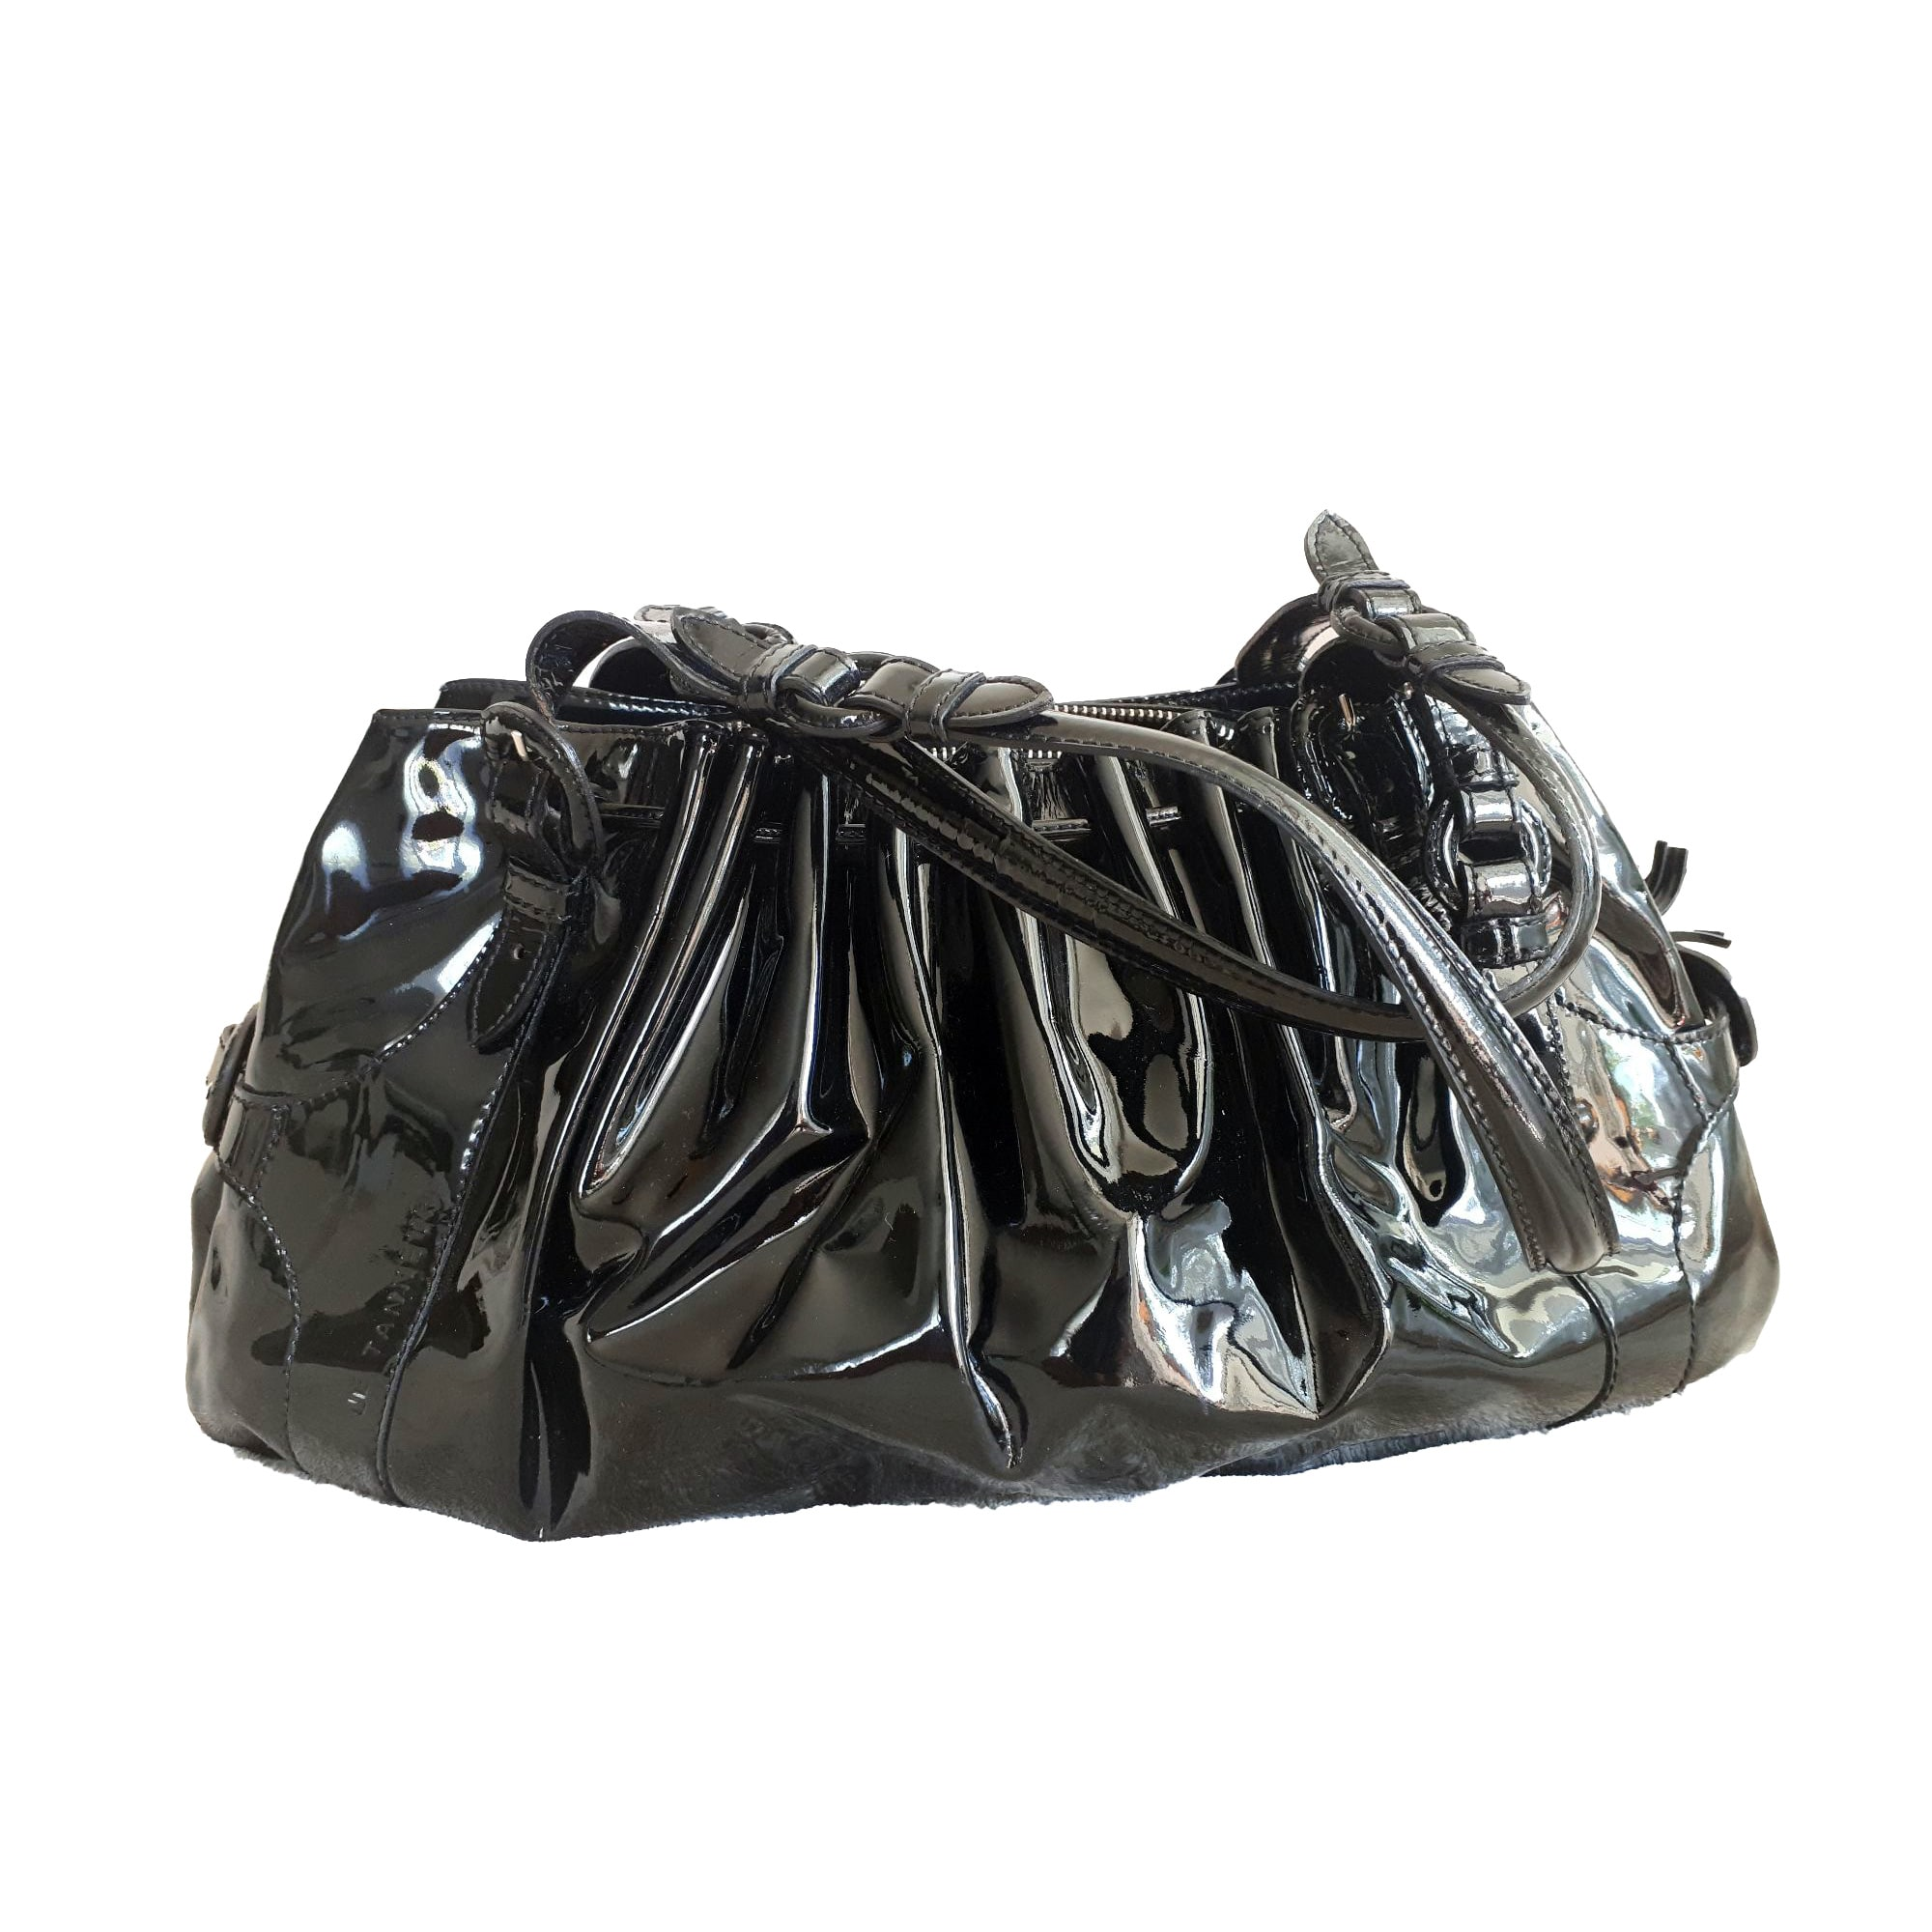 533833409b Sac à main en cuir LE TANNEUR noir vendu par Audrey-olivier - 7961716